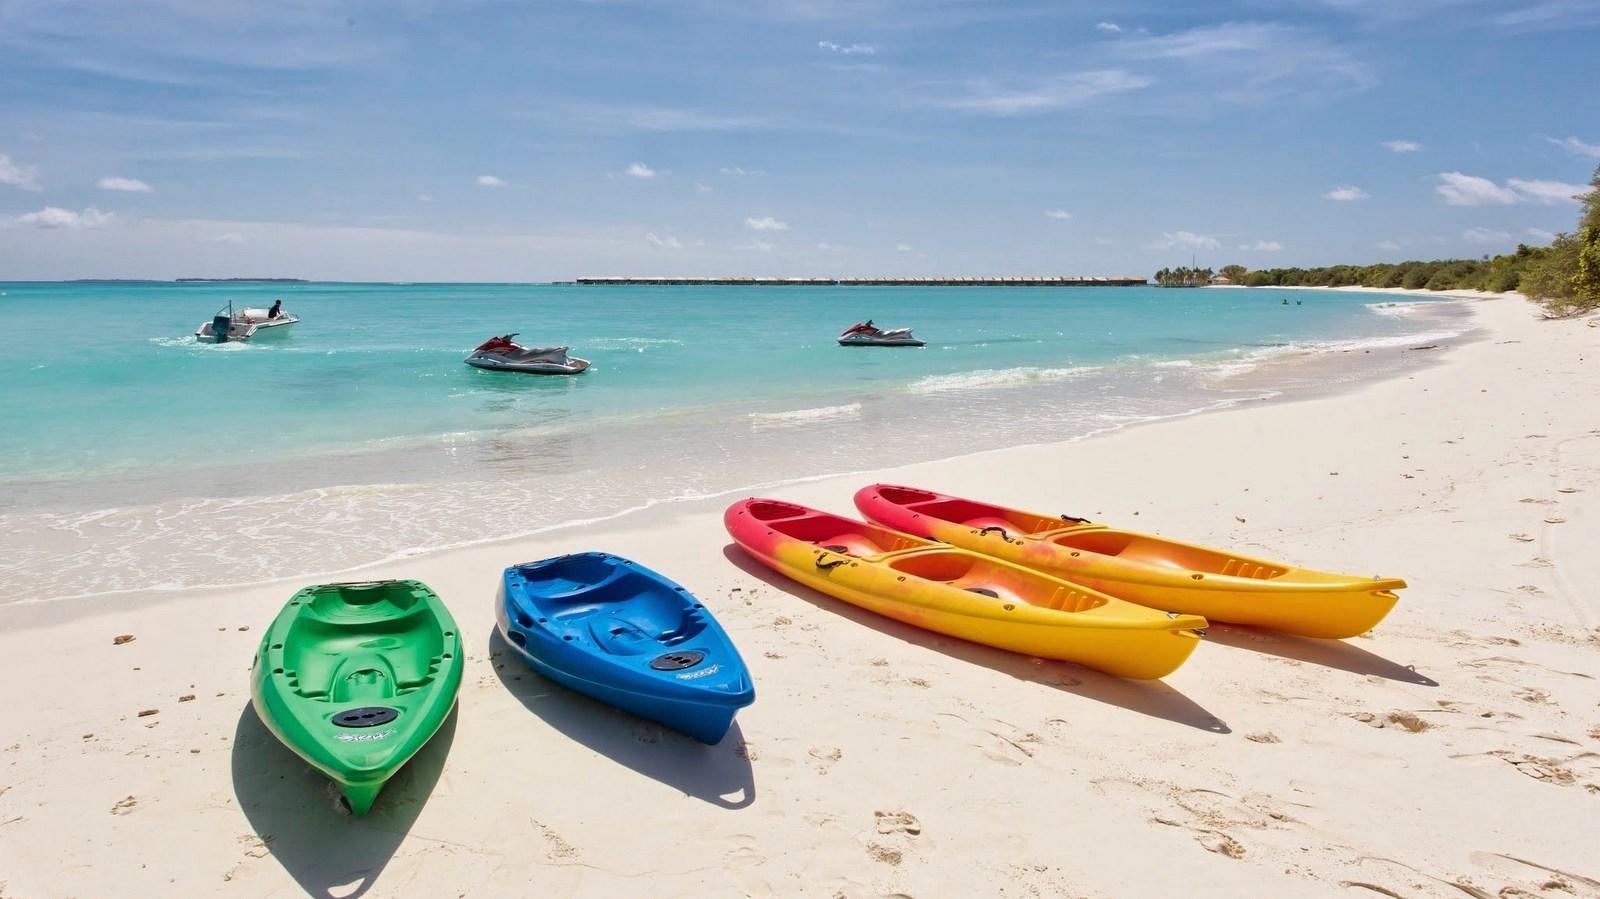 Мальдивы, отель Hideaway Beach Resort & Spa, каяк